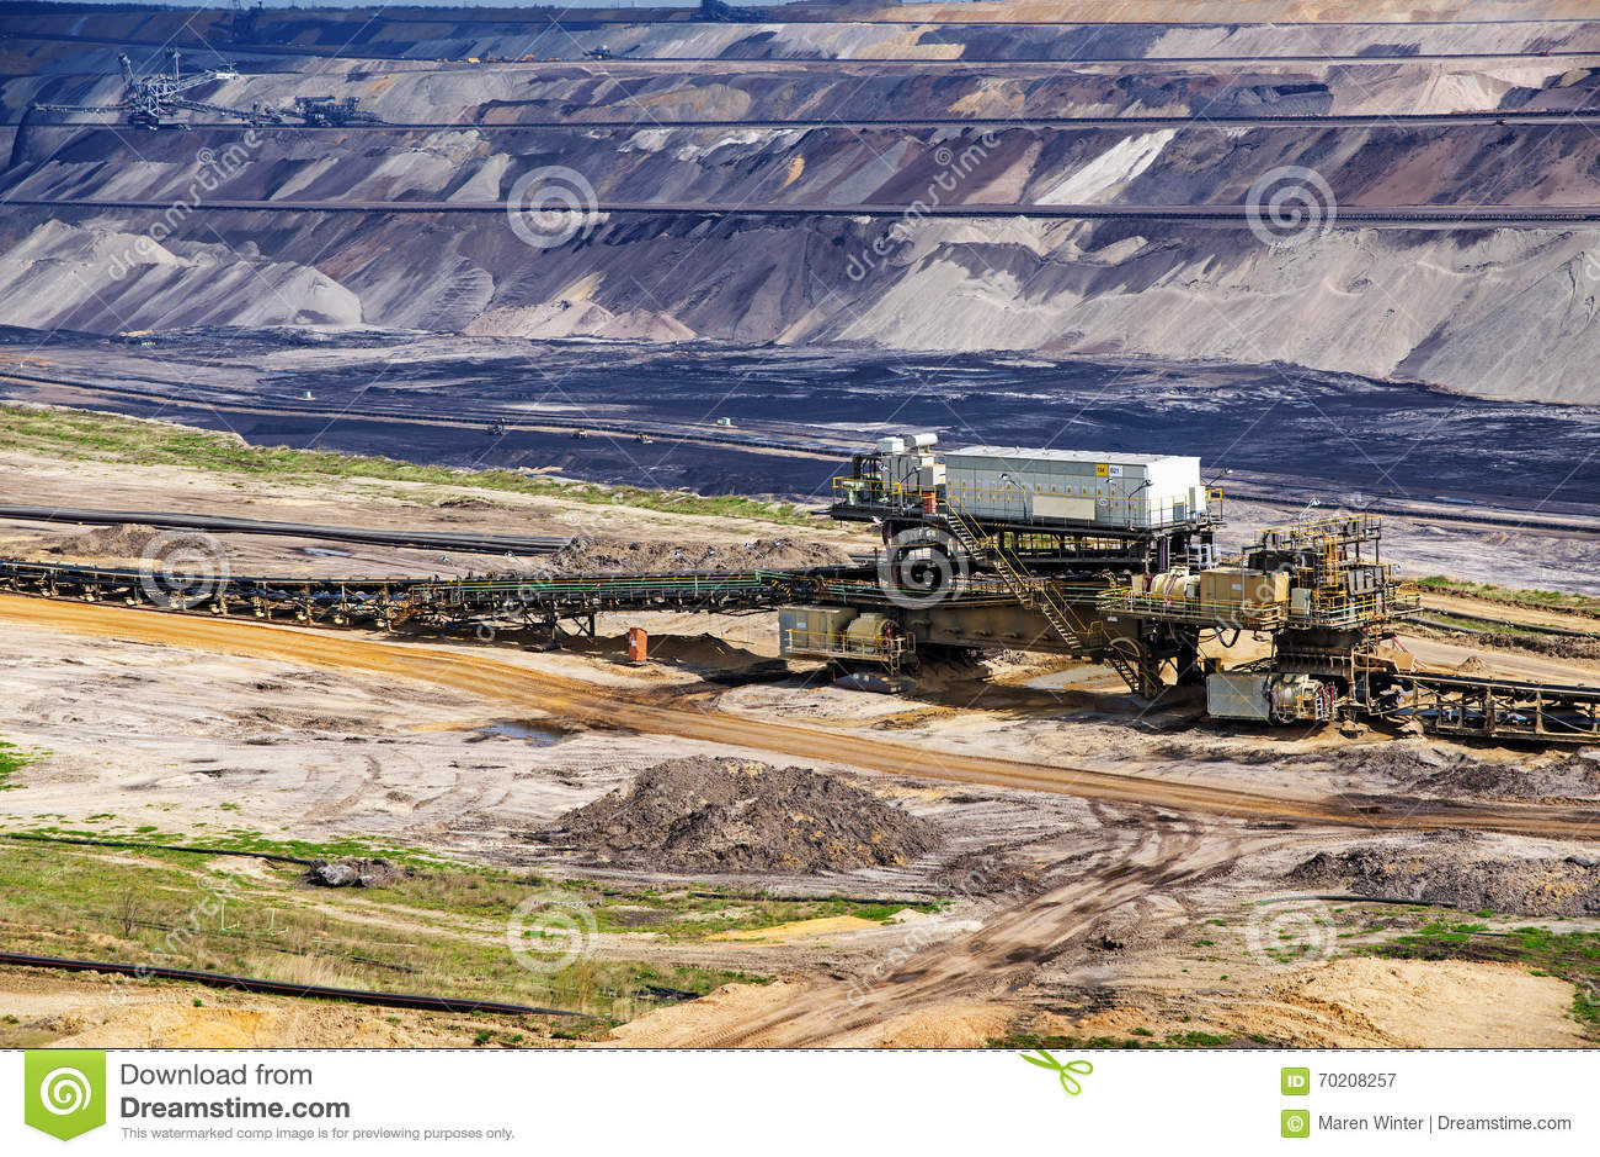 Разработка горных пластов лигнита (бурого угля) в Garzweiler, Германии